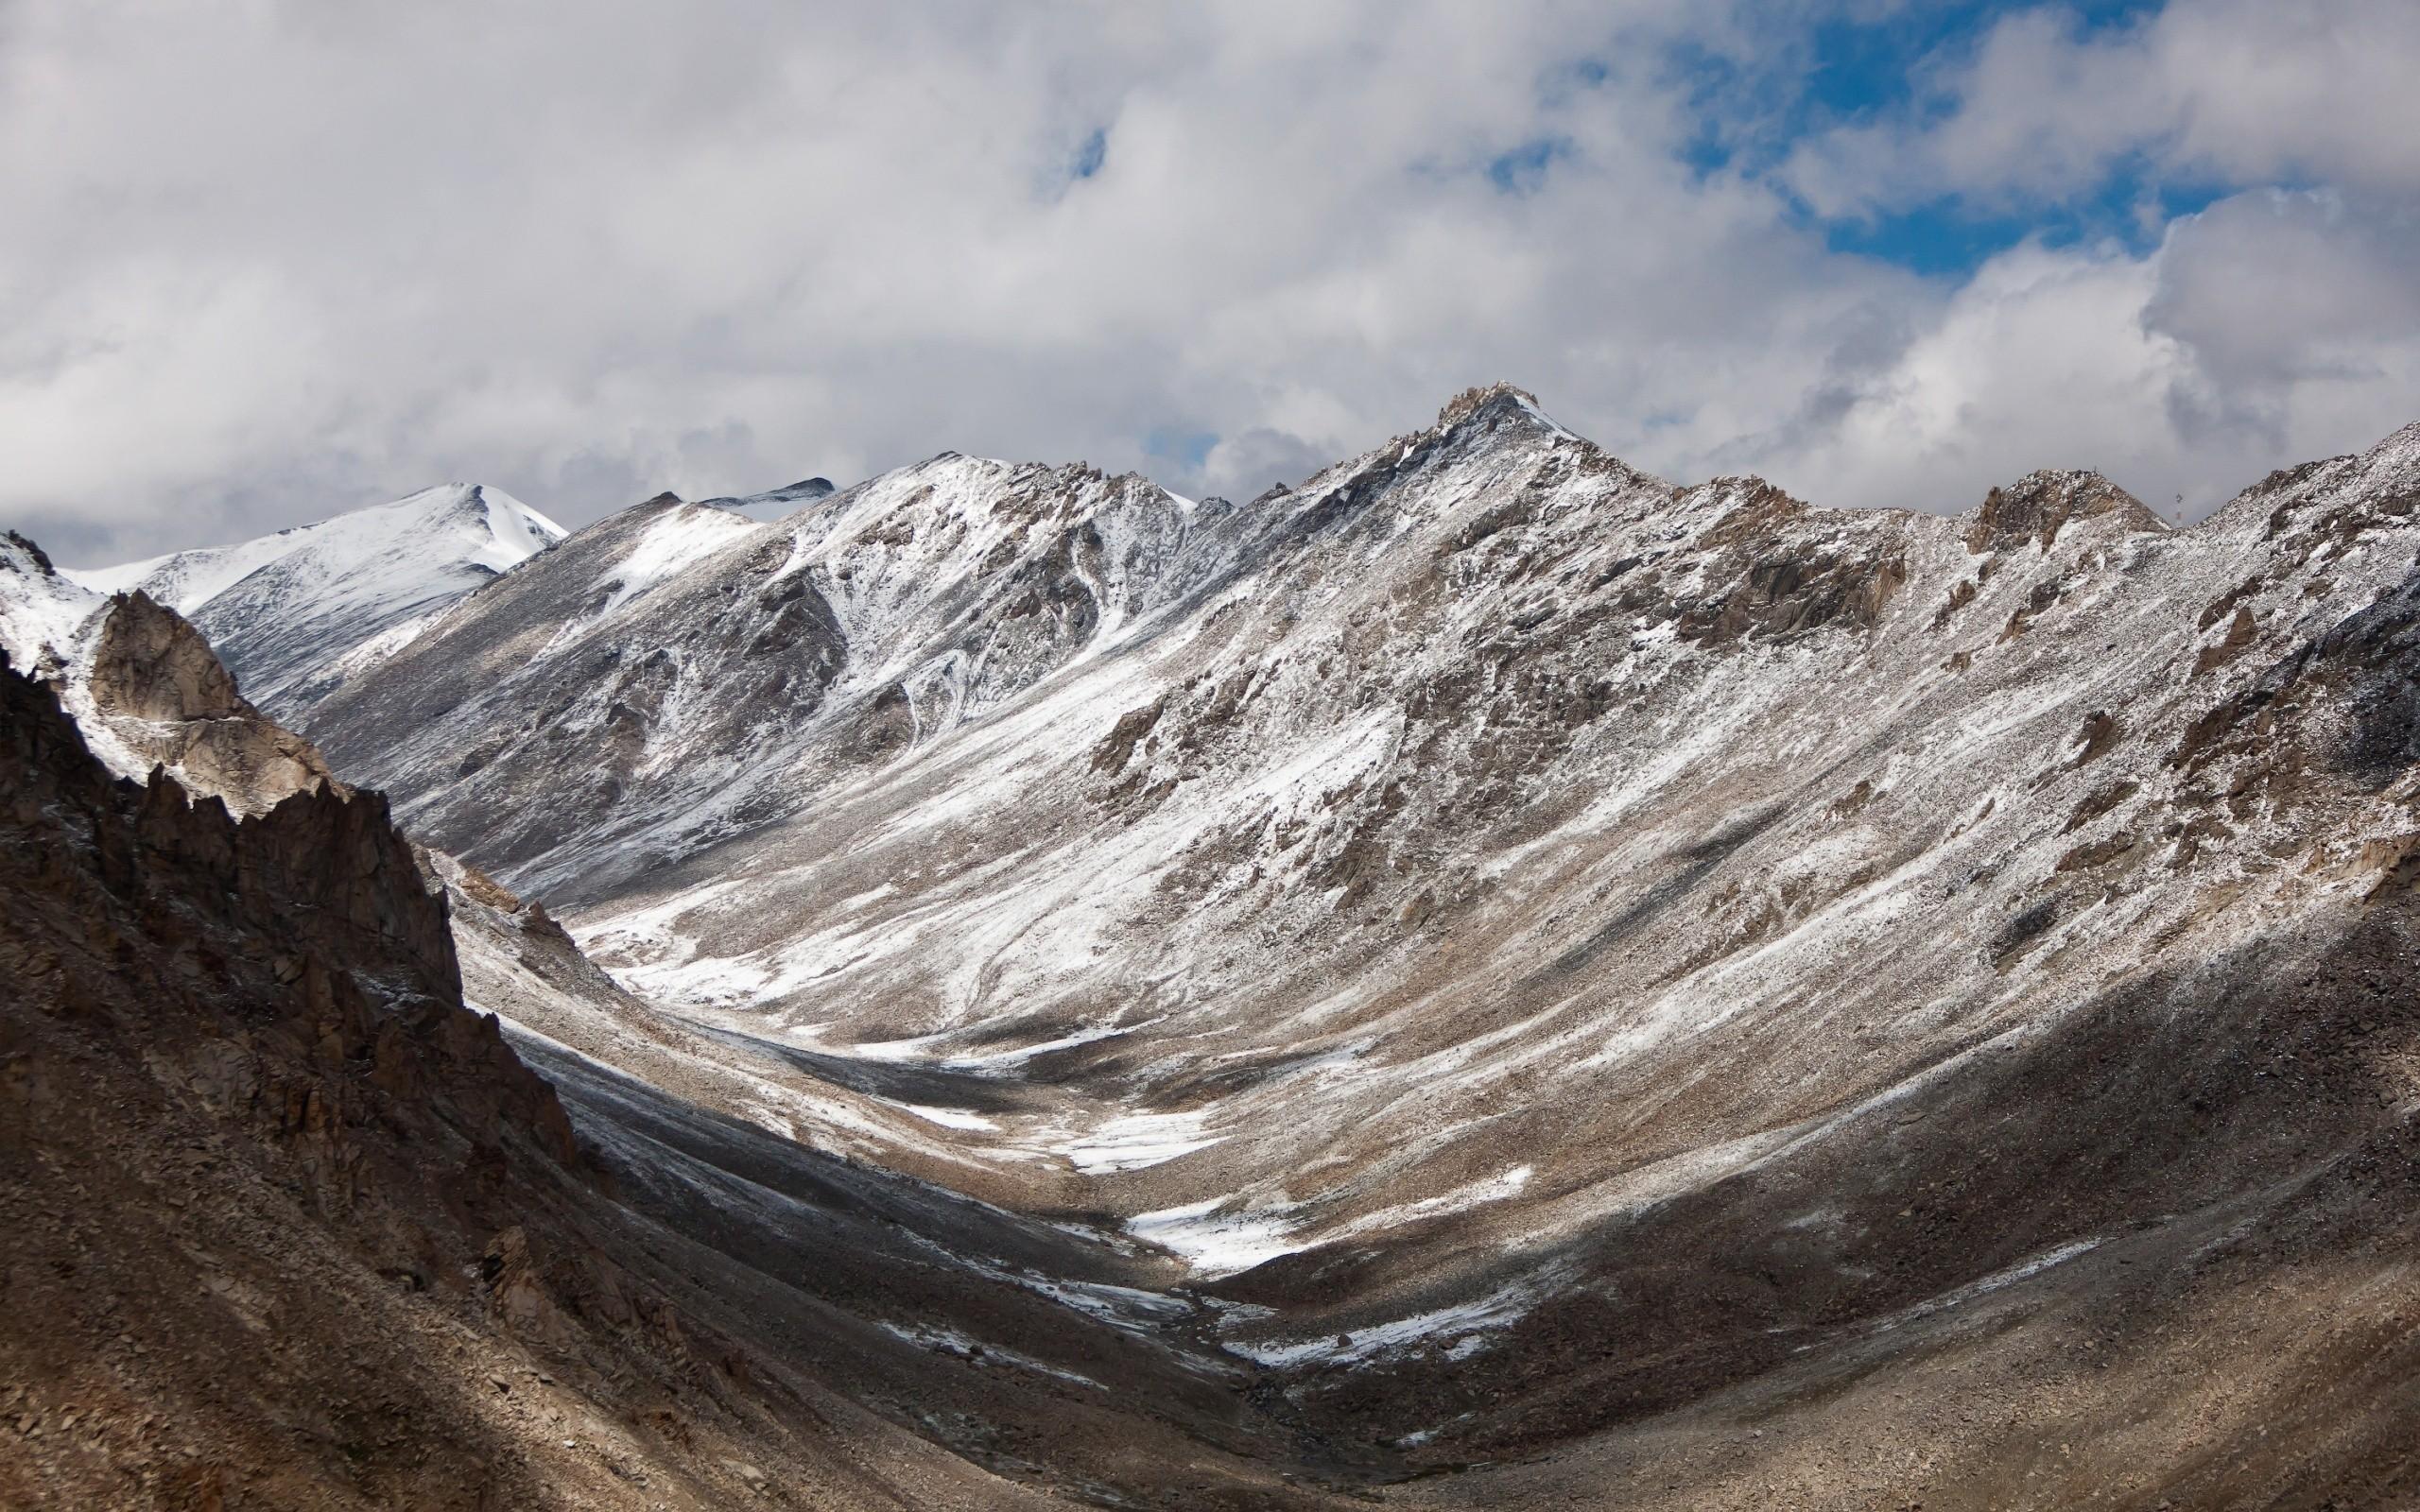 Cordillera de los Andes - 2560x1600